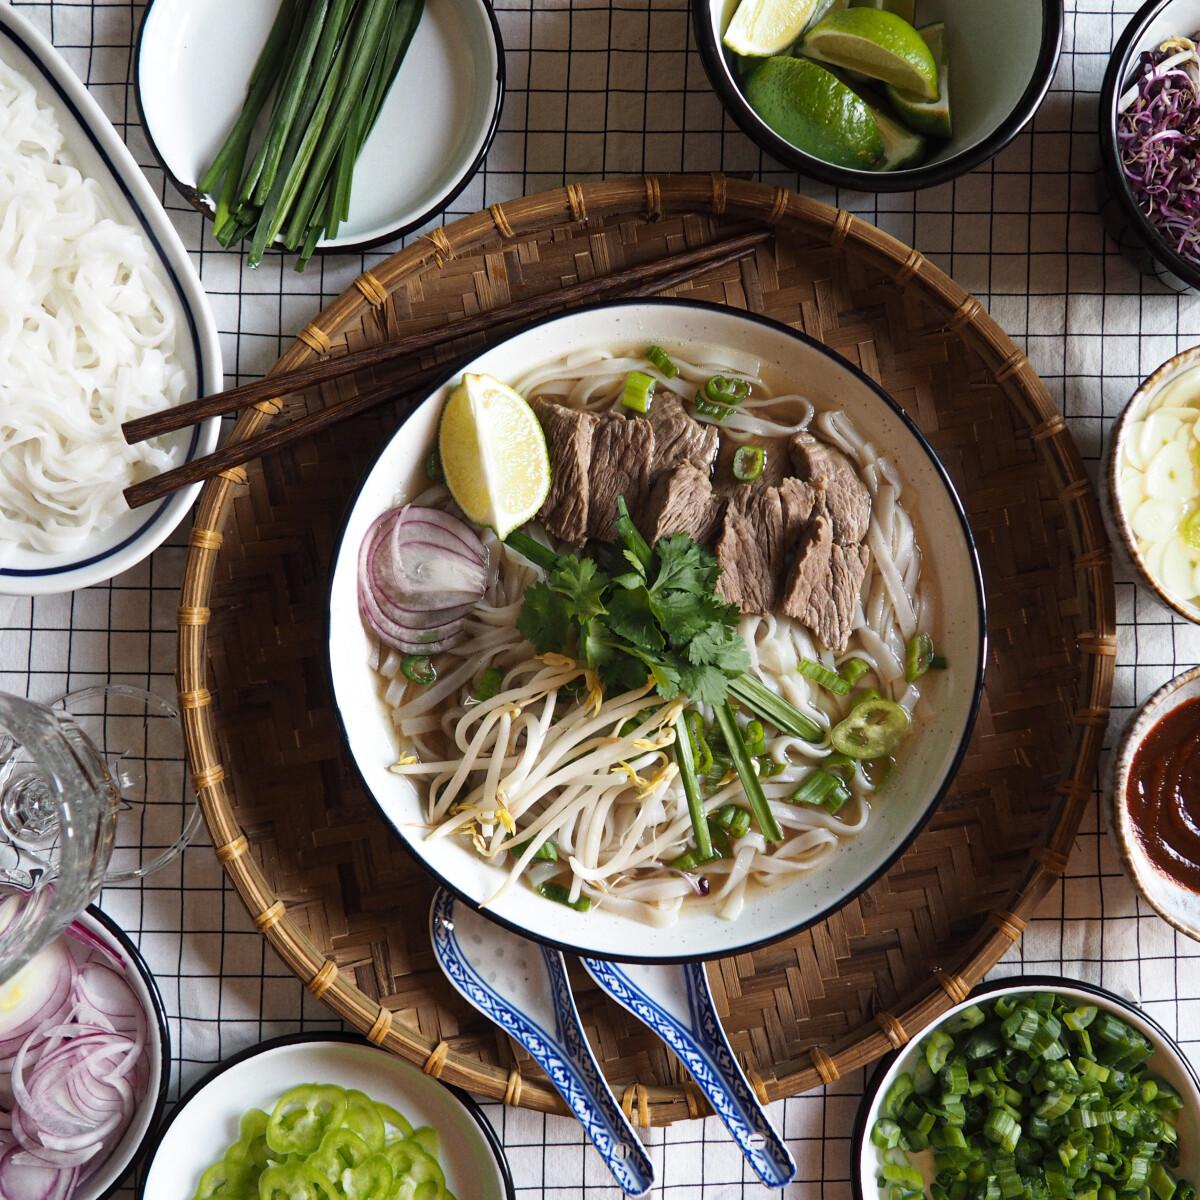 Ezen a képen: Phở bò, avagy vietnami pho leves marhából